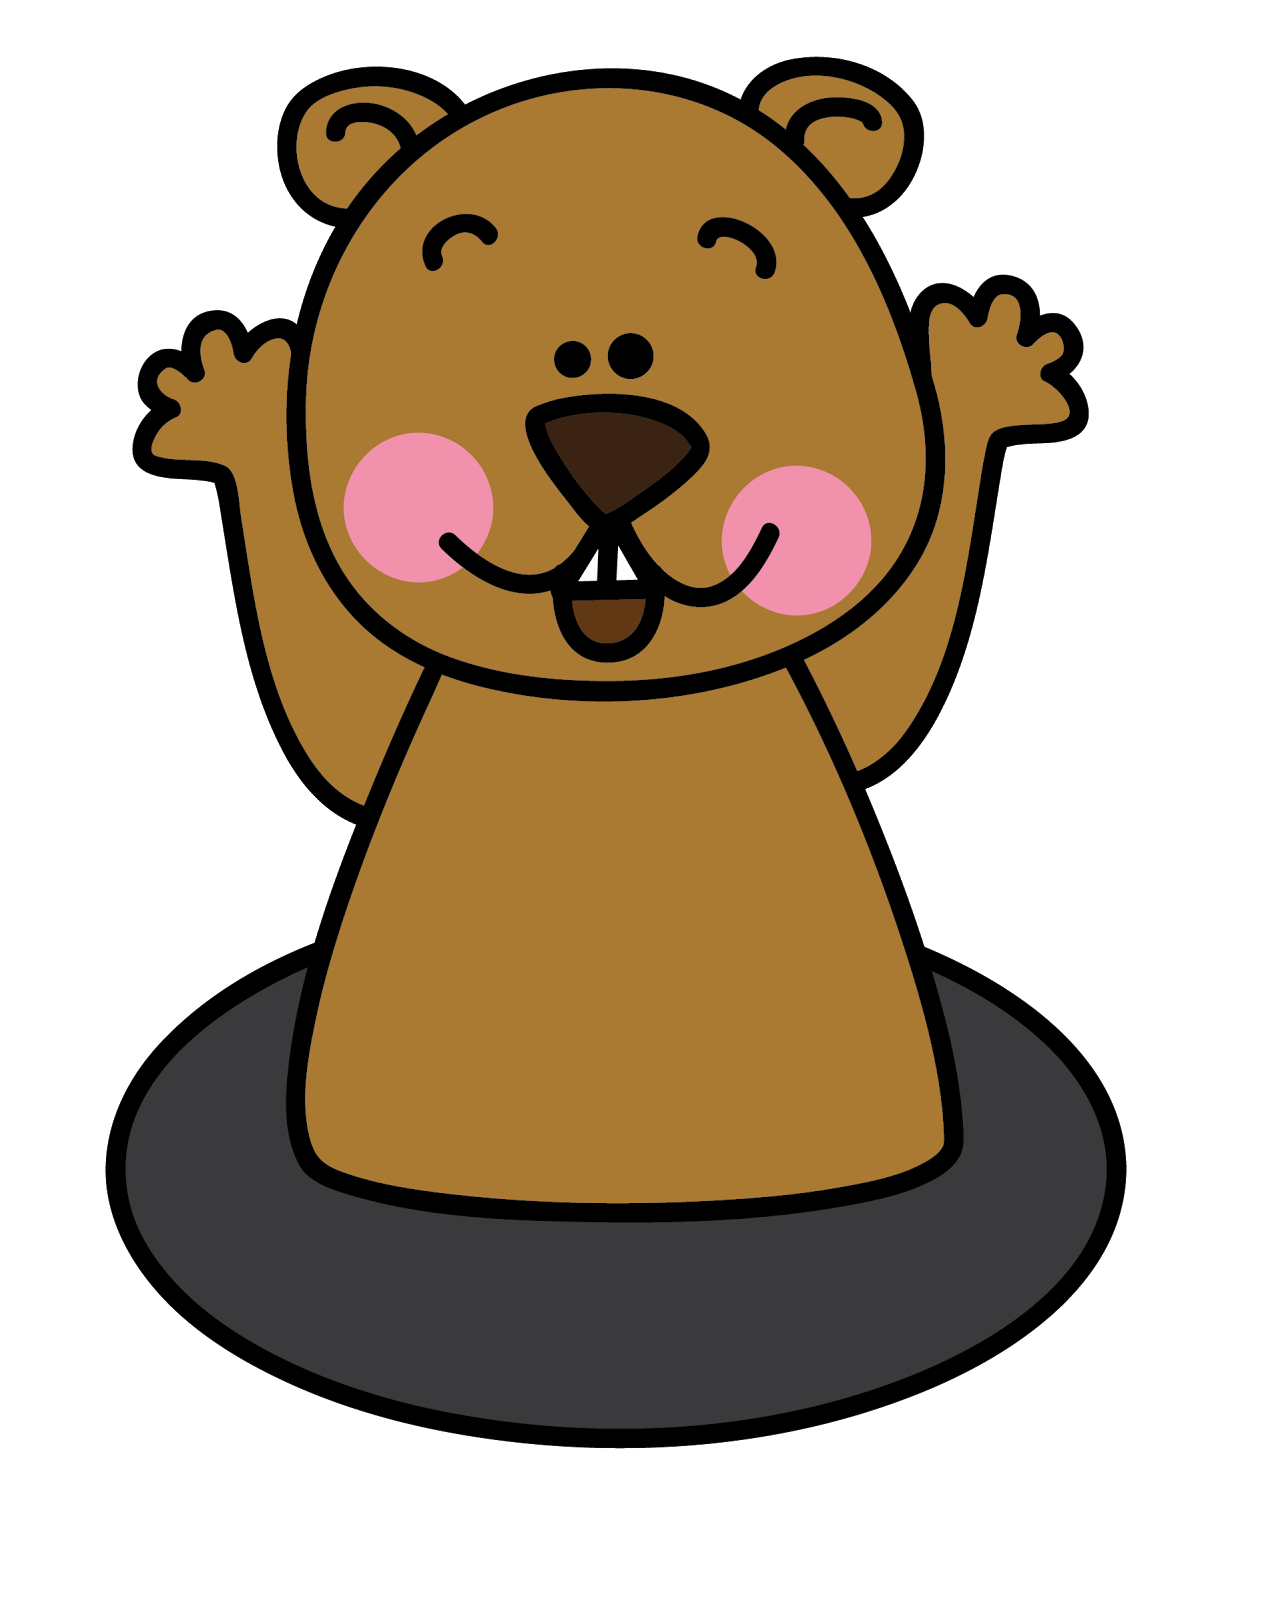 Kindergarten Clip Art: Mrs. Albanese's Kindergarten Class: Mr. Groundhog Is Coming